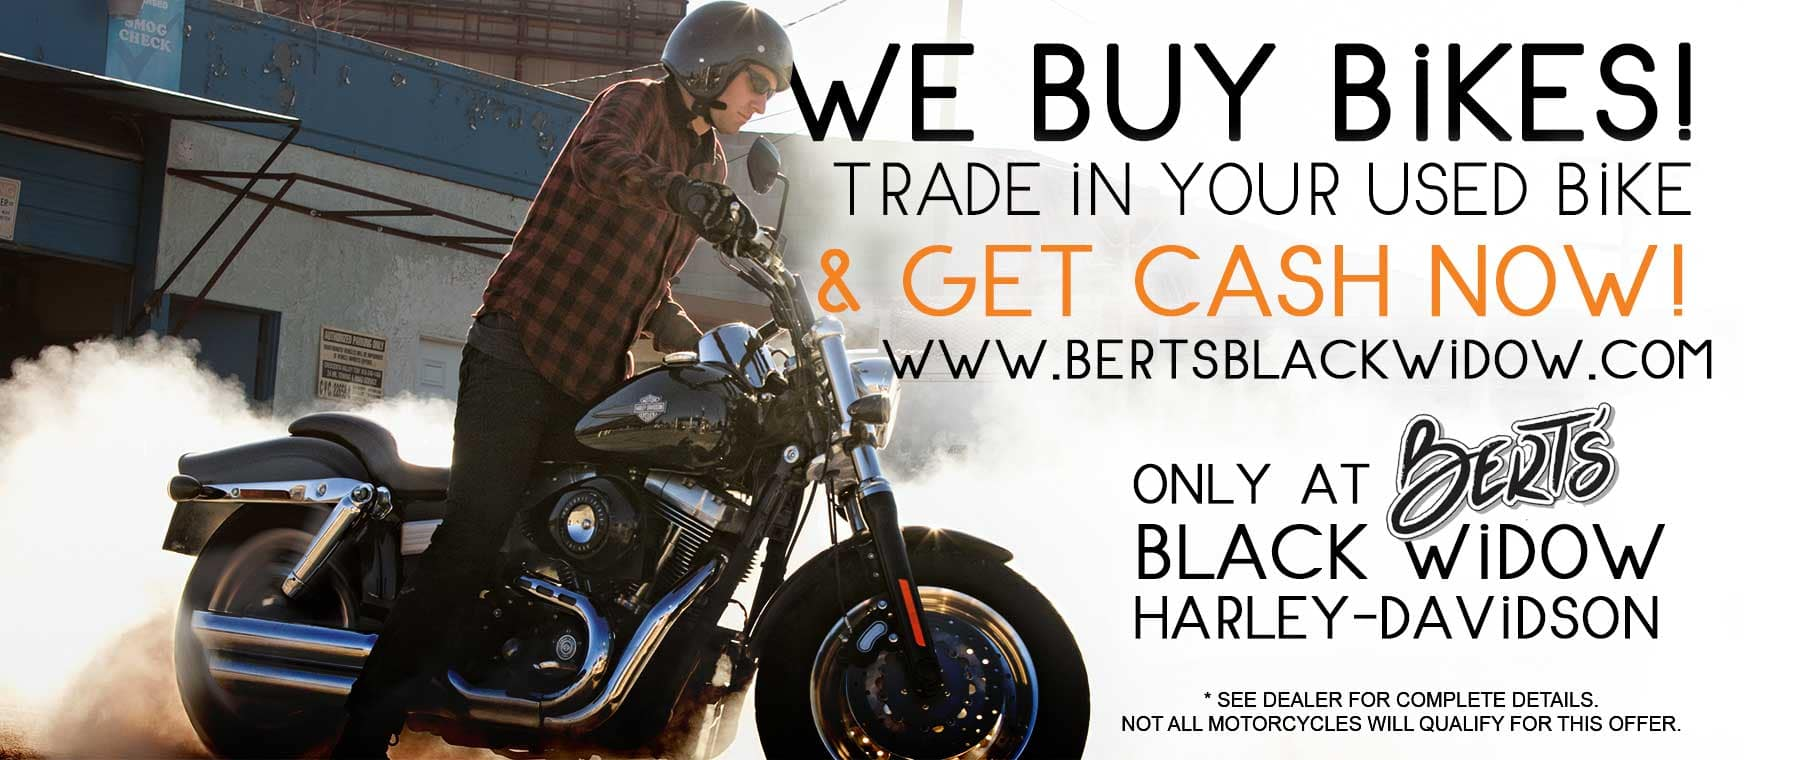 BERTS-HD_110120_WeBuyBikes_web